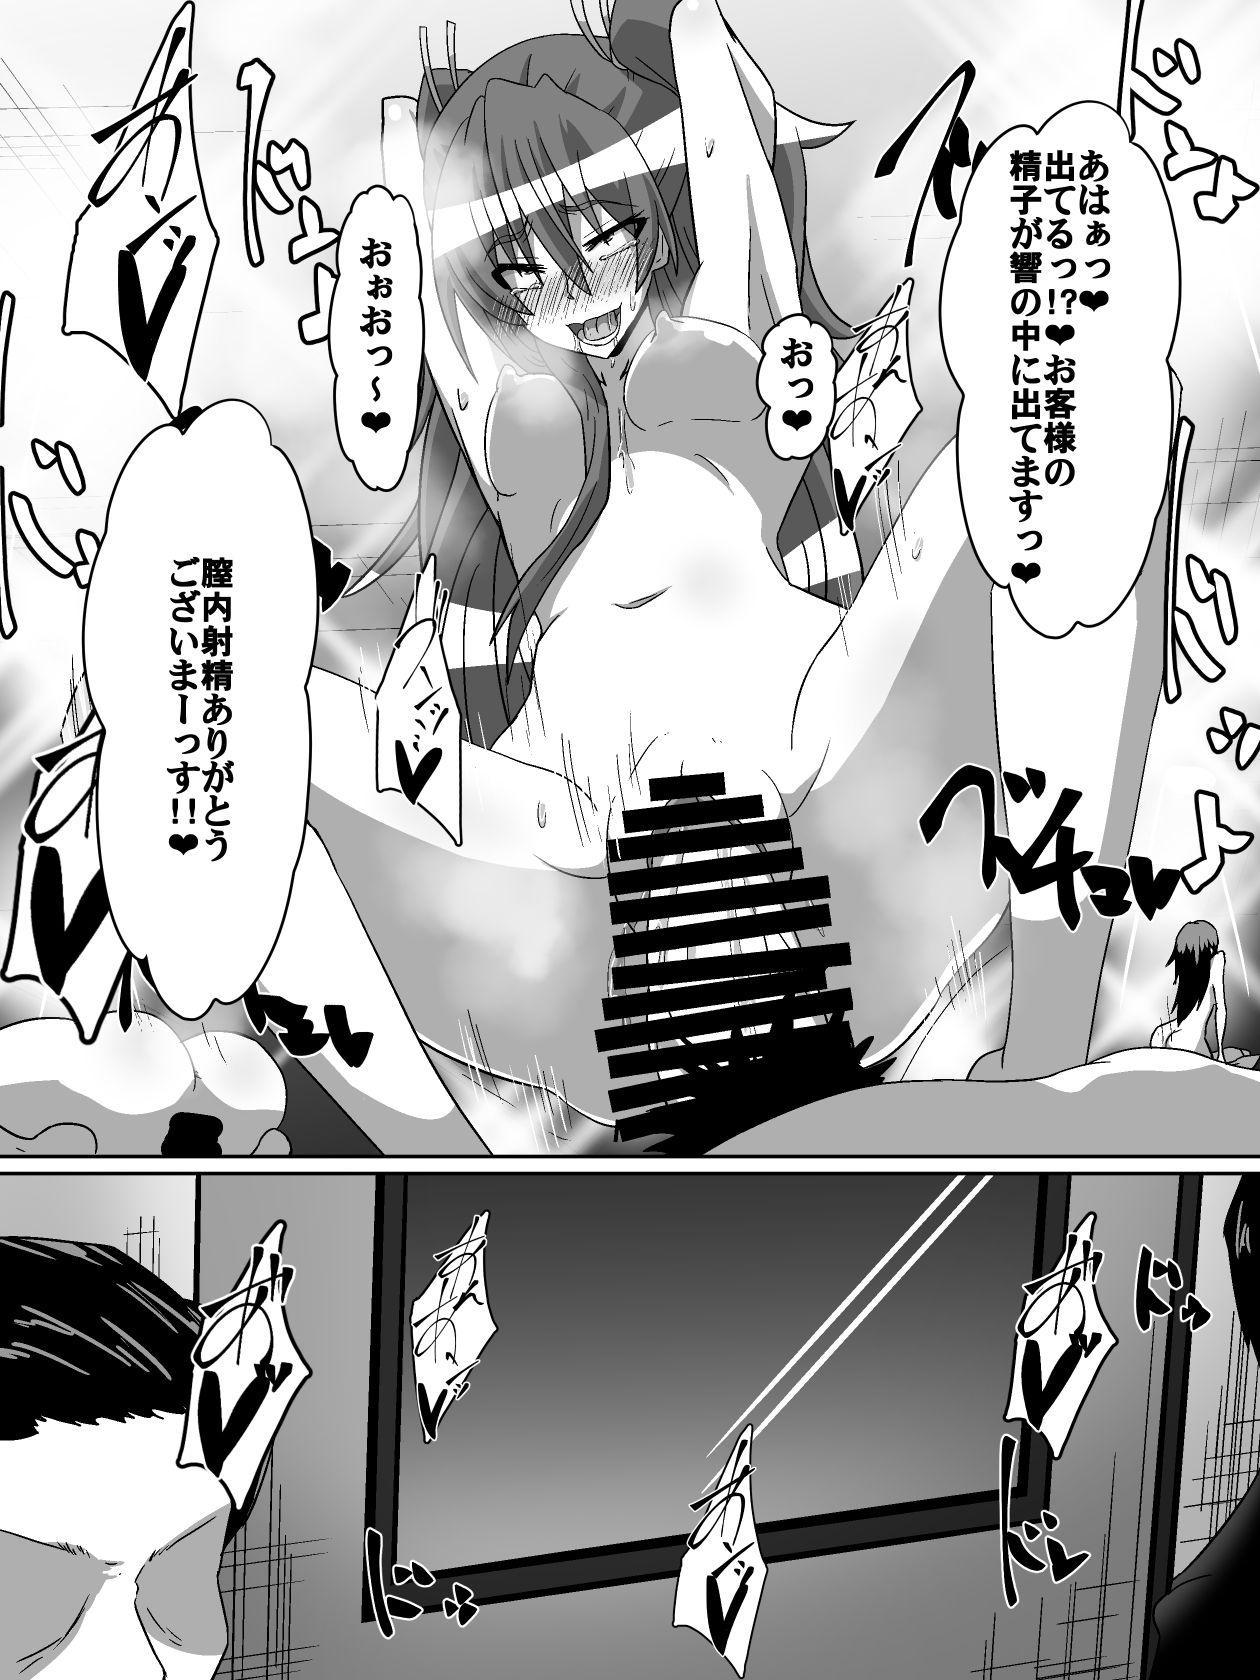 Net ni Hisomu Kikensei 1 15